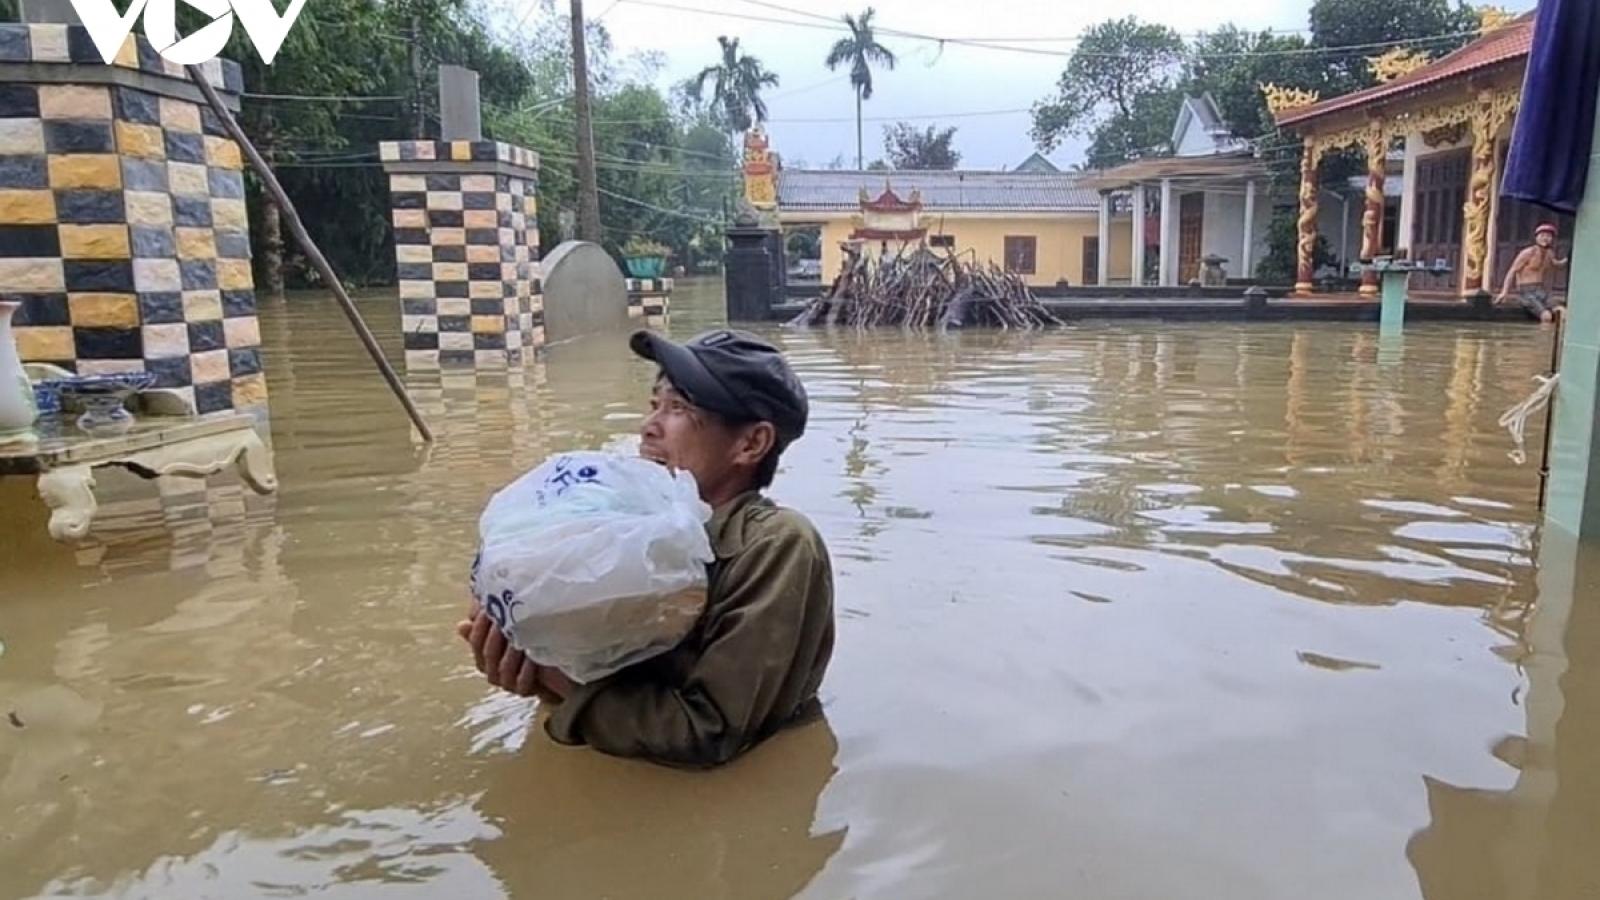 Cộng đồng người Việt tại Ukraine ủng hộ đồng bào miền Trung bị bão lũ